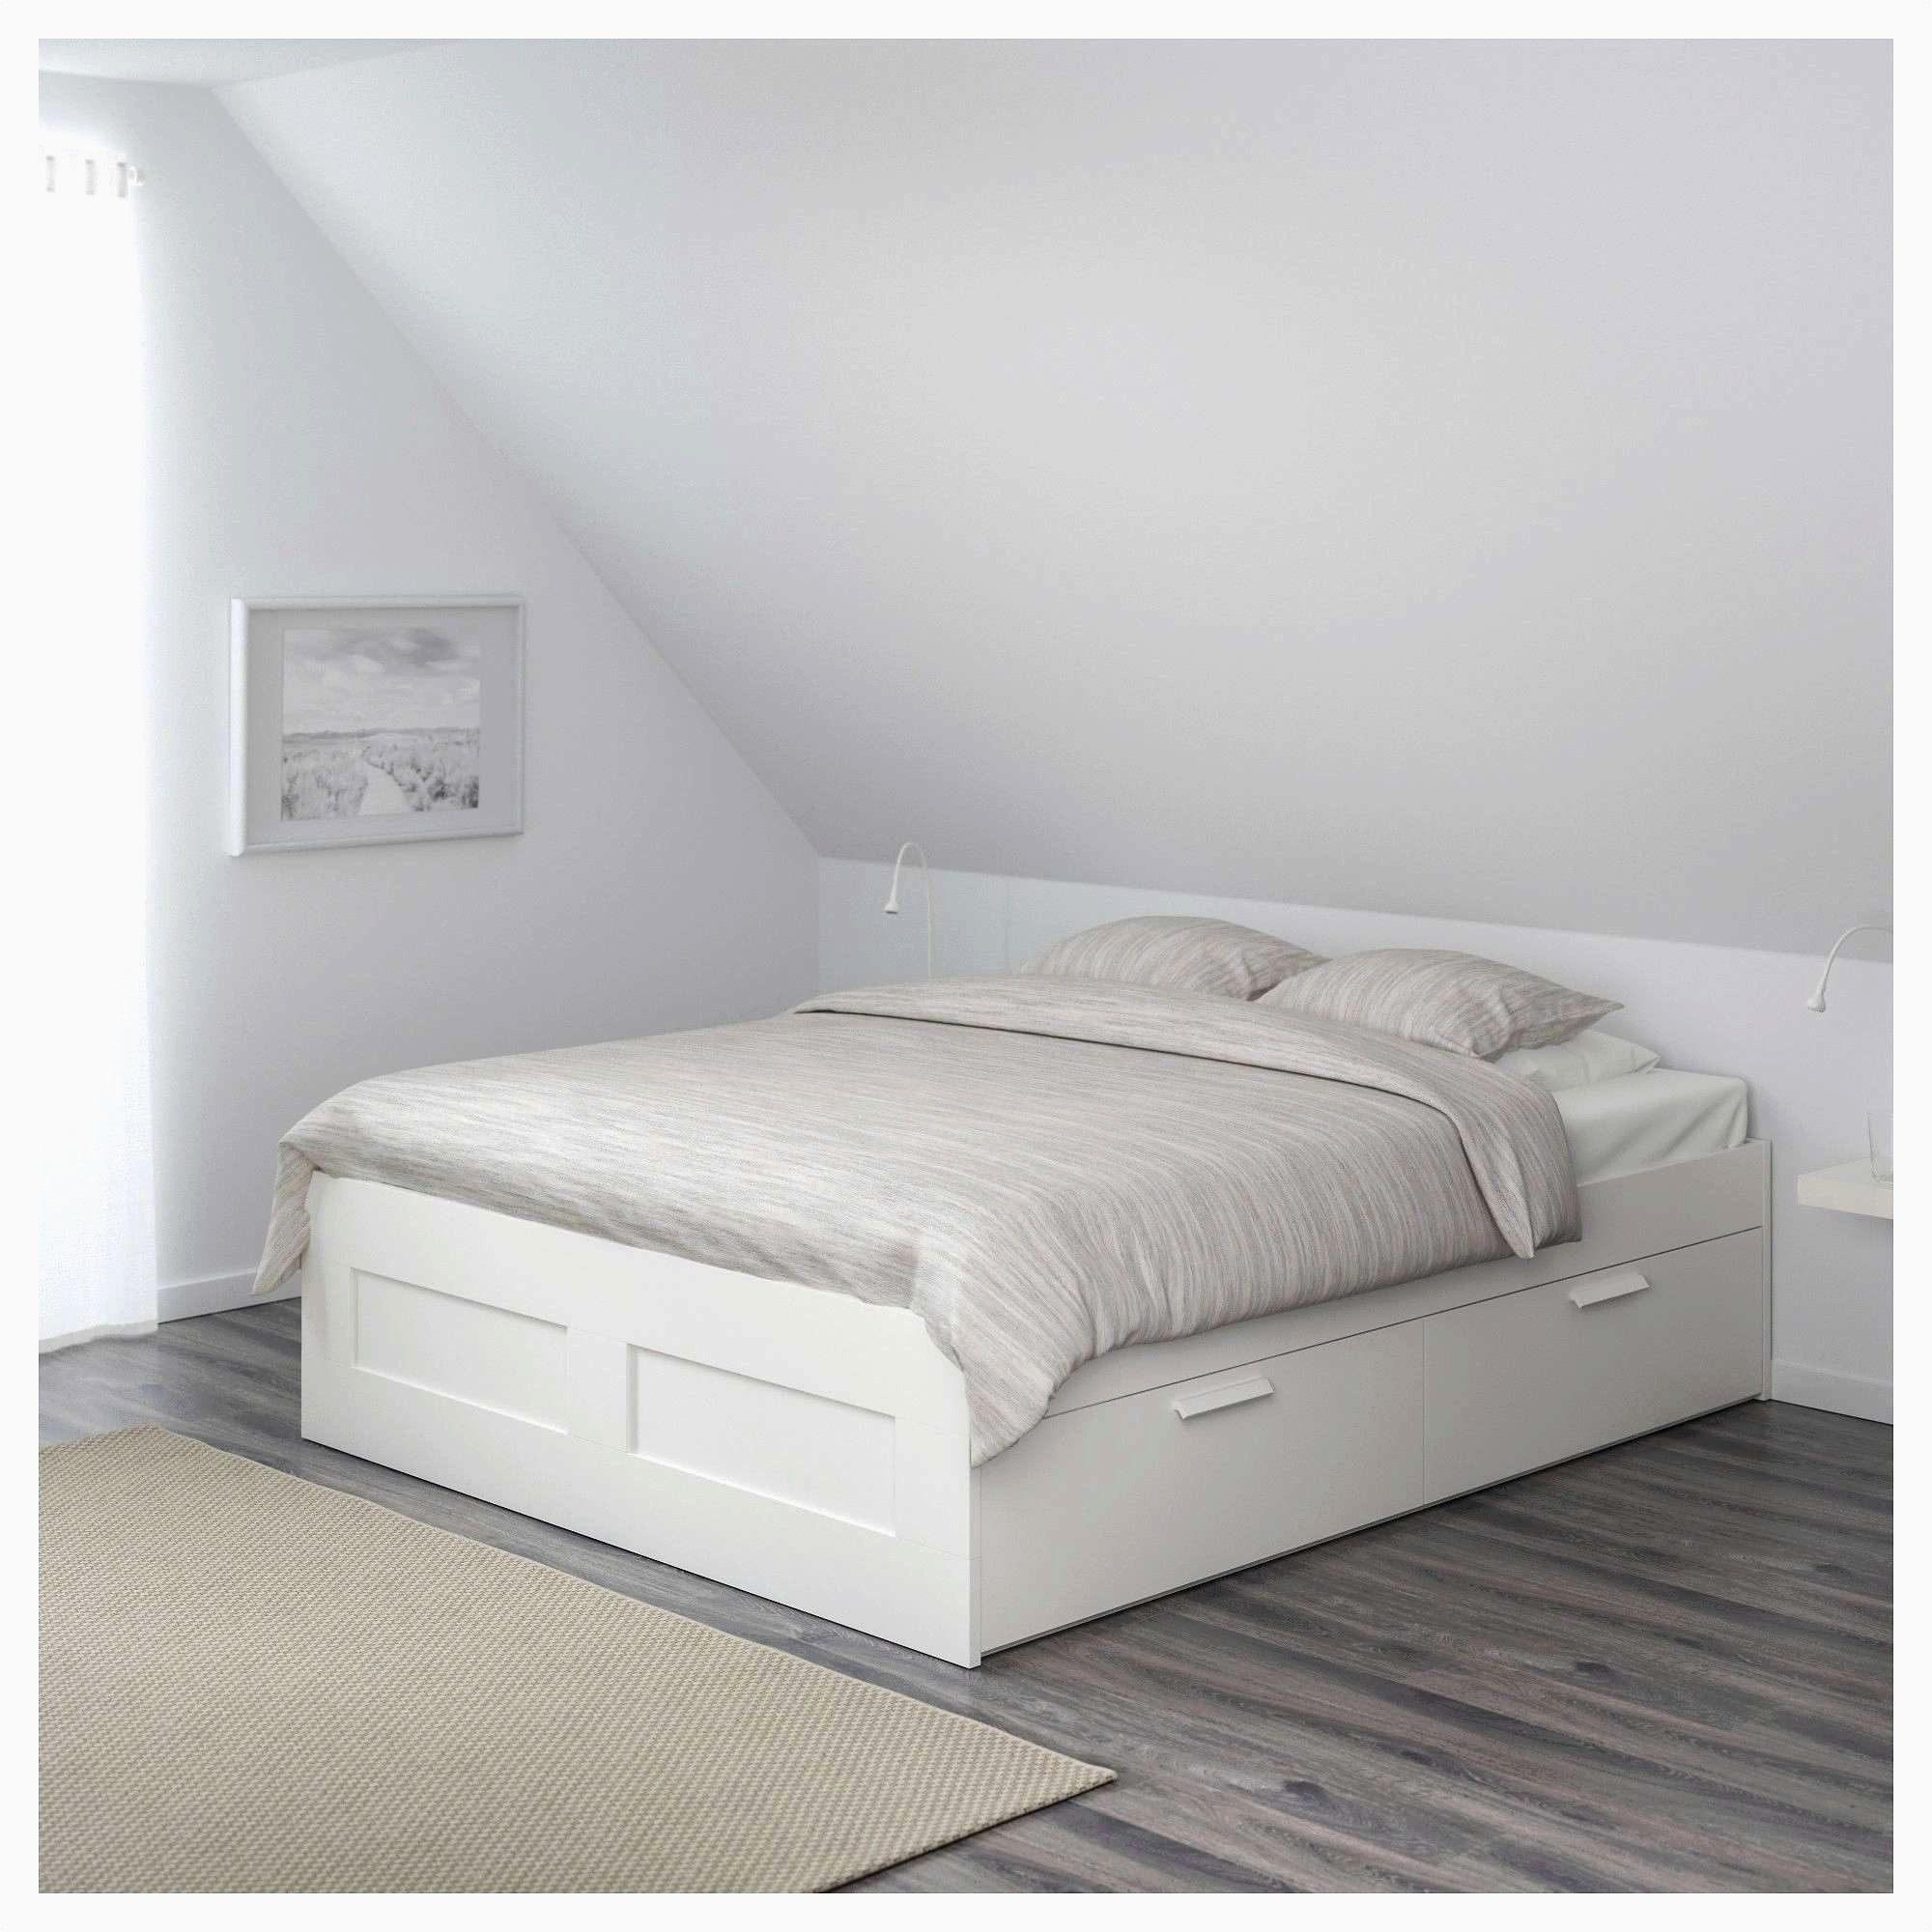 Housse Tete De Lit Ikea Inspirant Tete De Lit 90 Cm Ampm Tete De Lit élégant Housse Tete De Lit